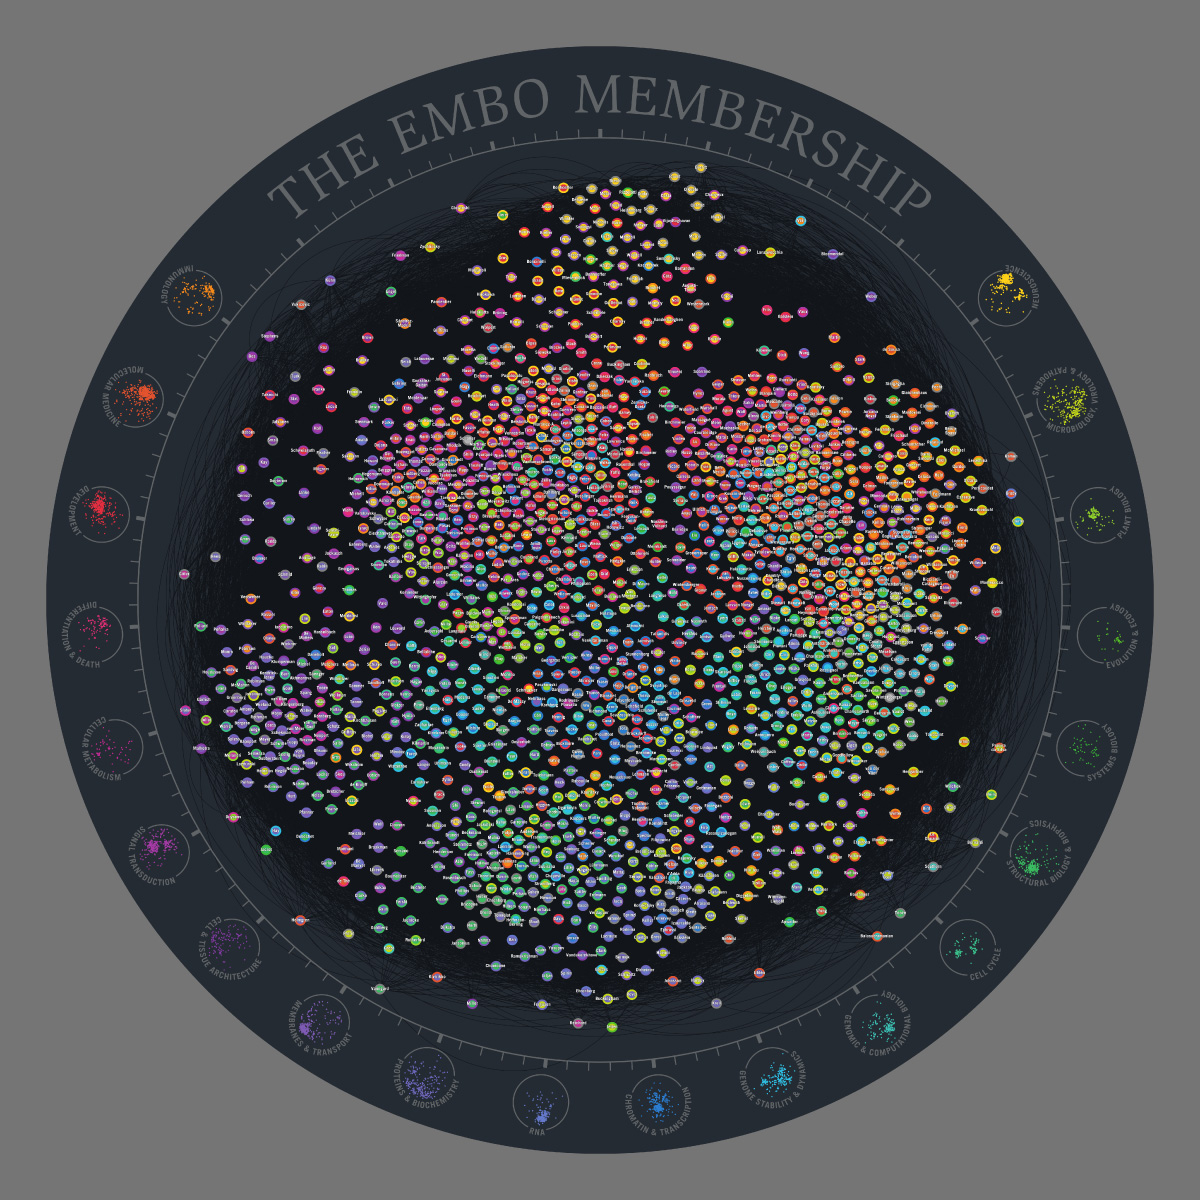 EMBO Members Network - carpet